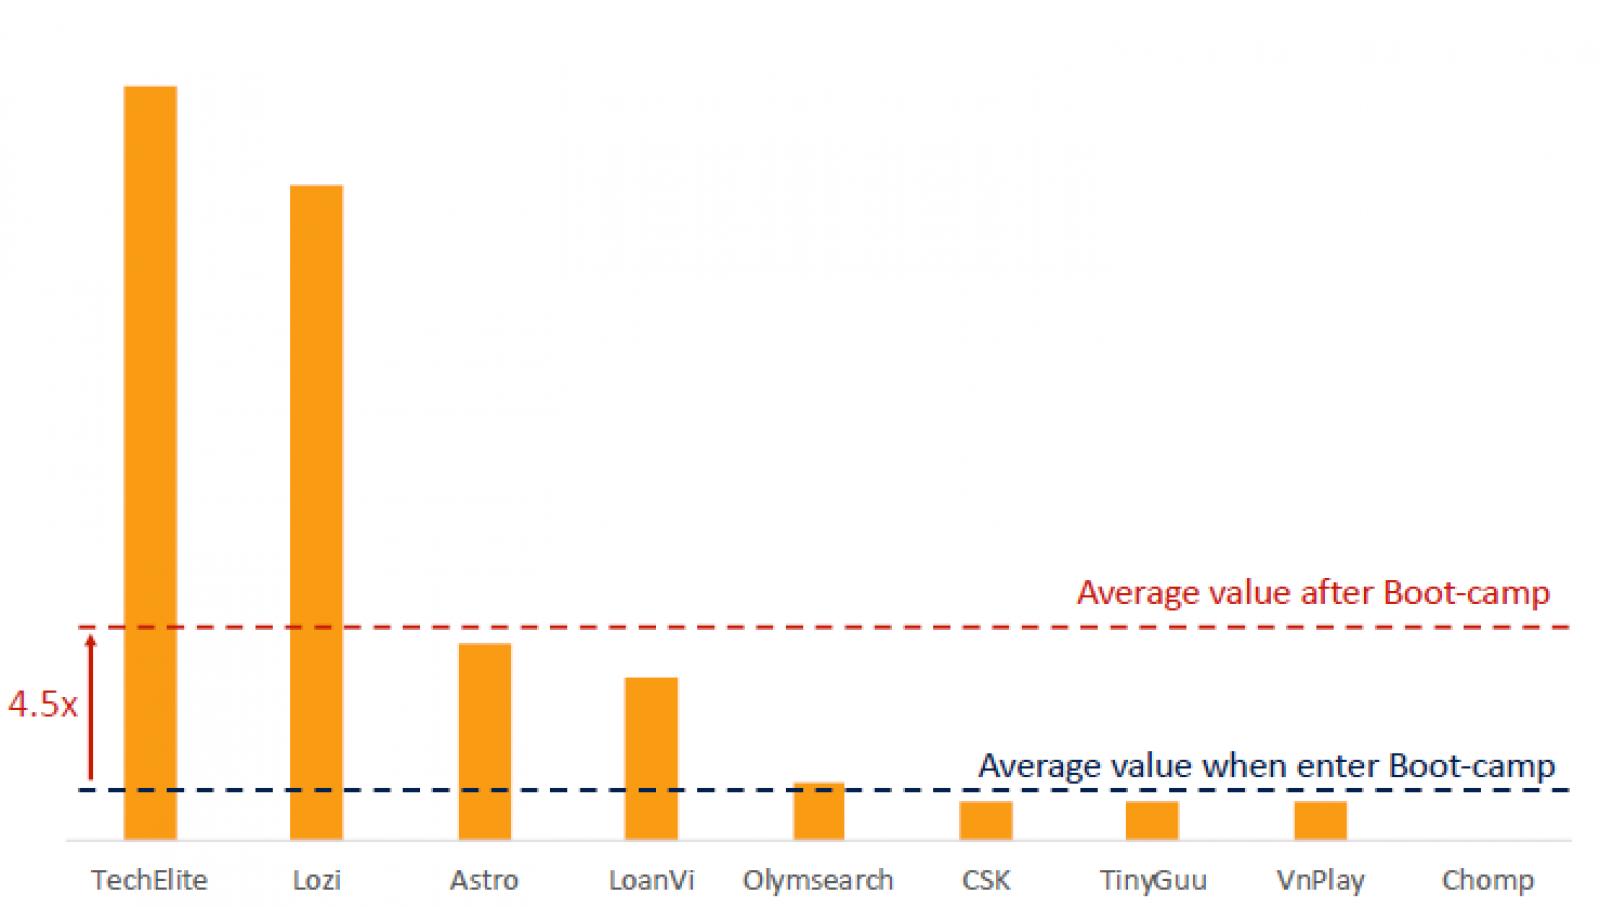 Biểu đồ tăng trưởng về giá trị của startup sau chương trình đầu tư